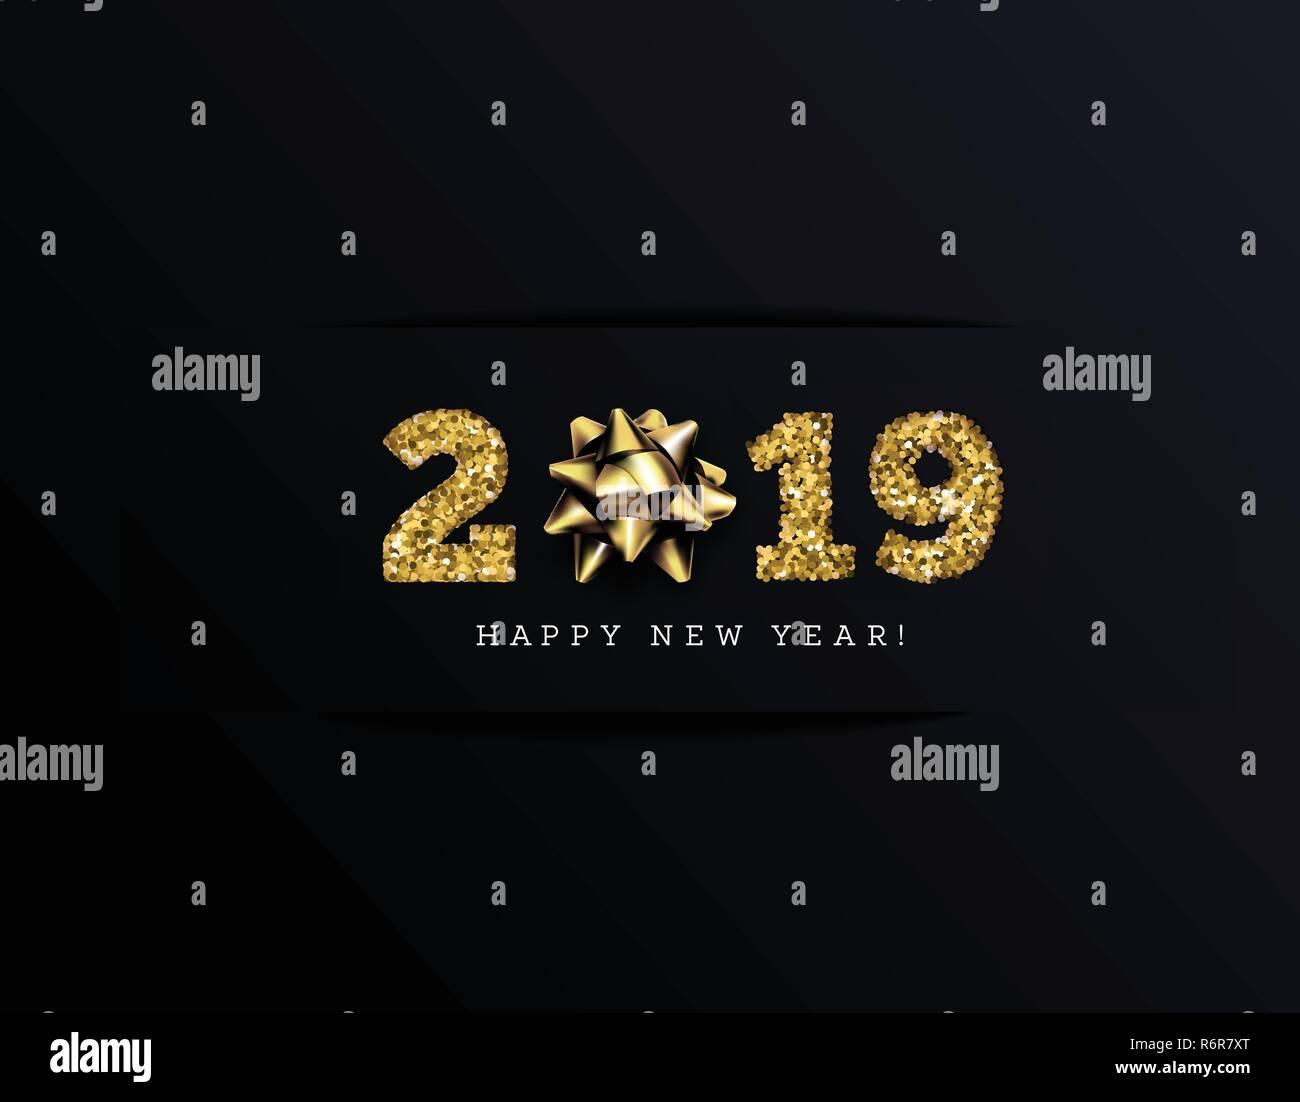 Herzlichen Glückwunsch Zu Den 2019 Frohes Neues Jahr Urlaub